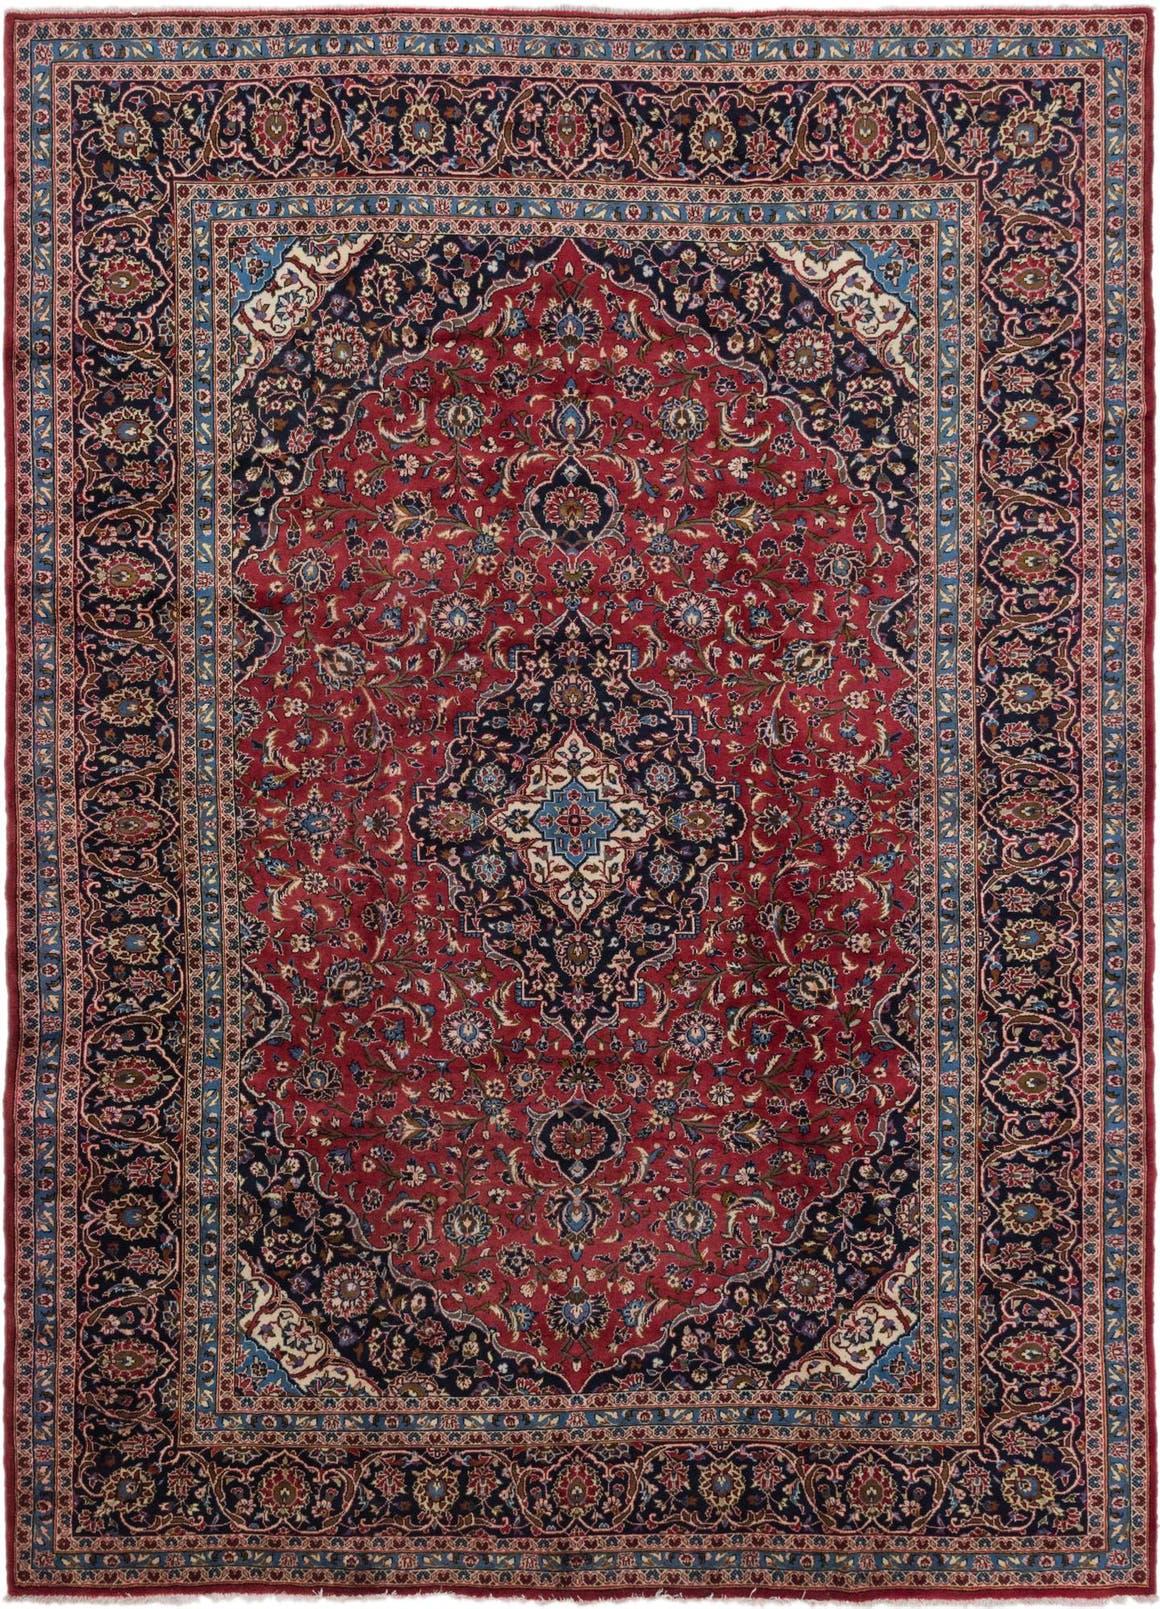 9' 9 x 13' 3 Kashan Persian Rug main image